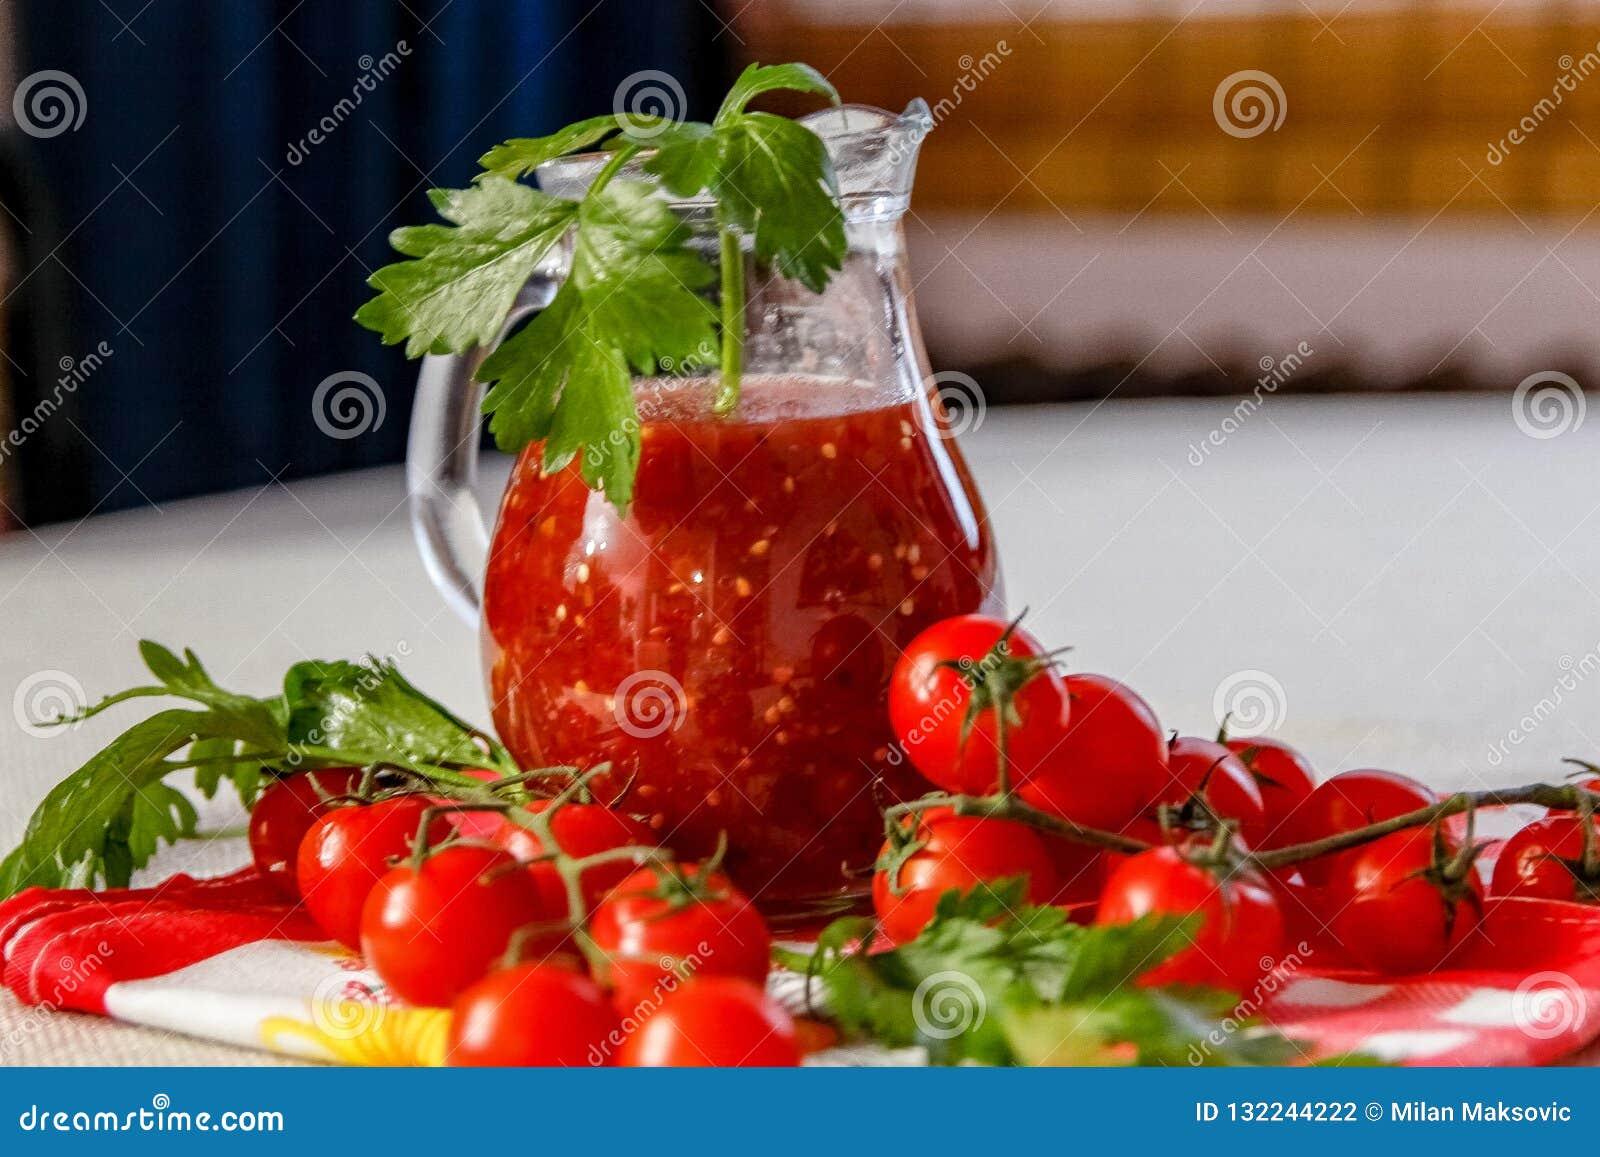 Świeży domowej roboty pomidorowy sok w szklanym słoju